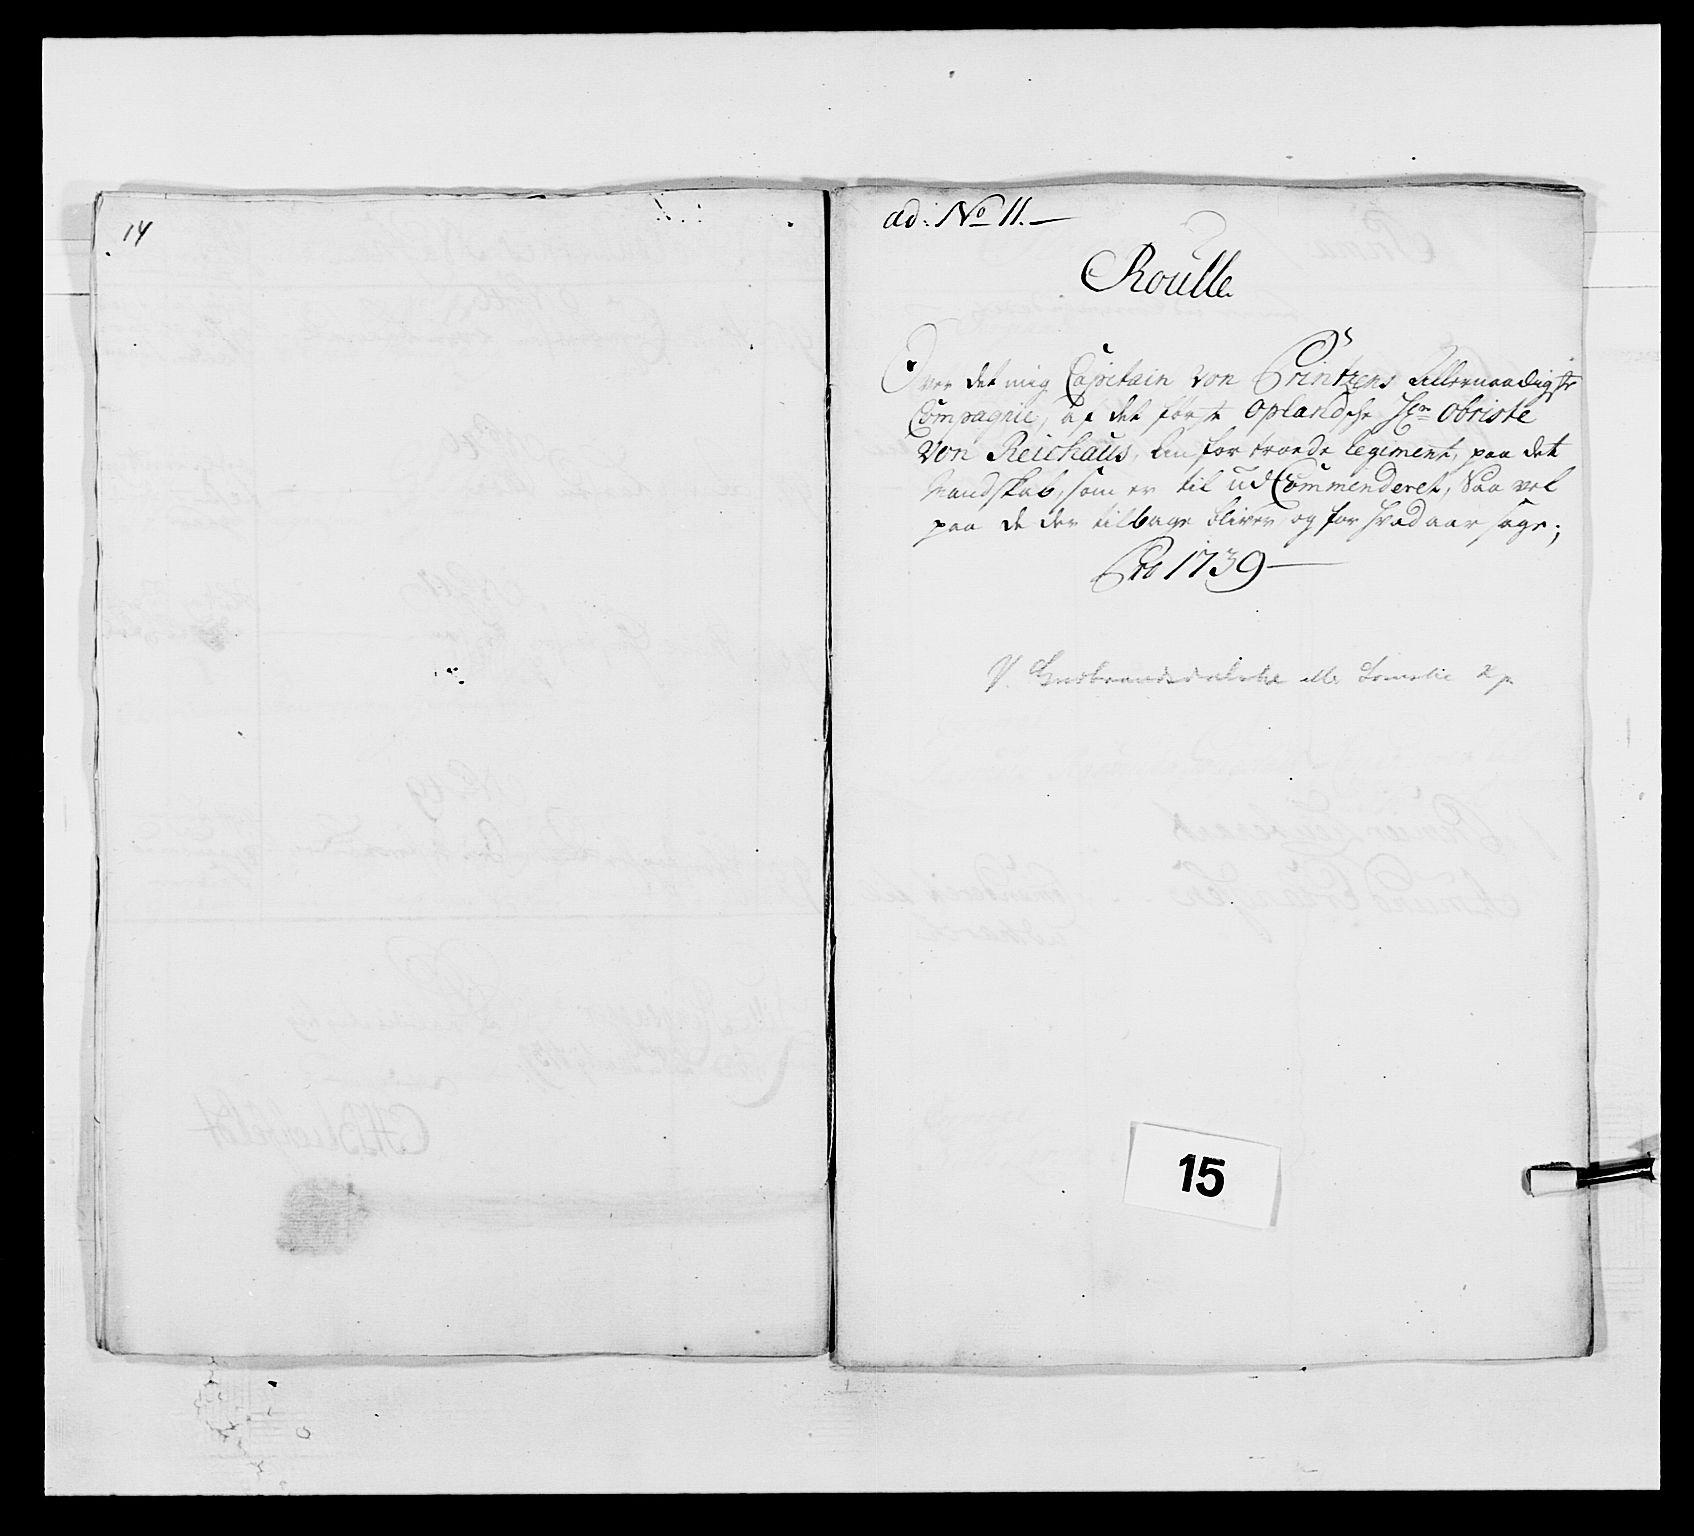 RA, Kommanderende general (KG I) med Det norske krigsdirektorium, E/Ea/L0502: 1. Opplandske regiment, 1720-1743, s. 149